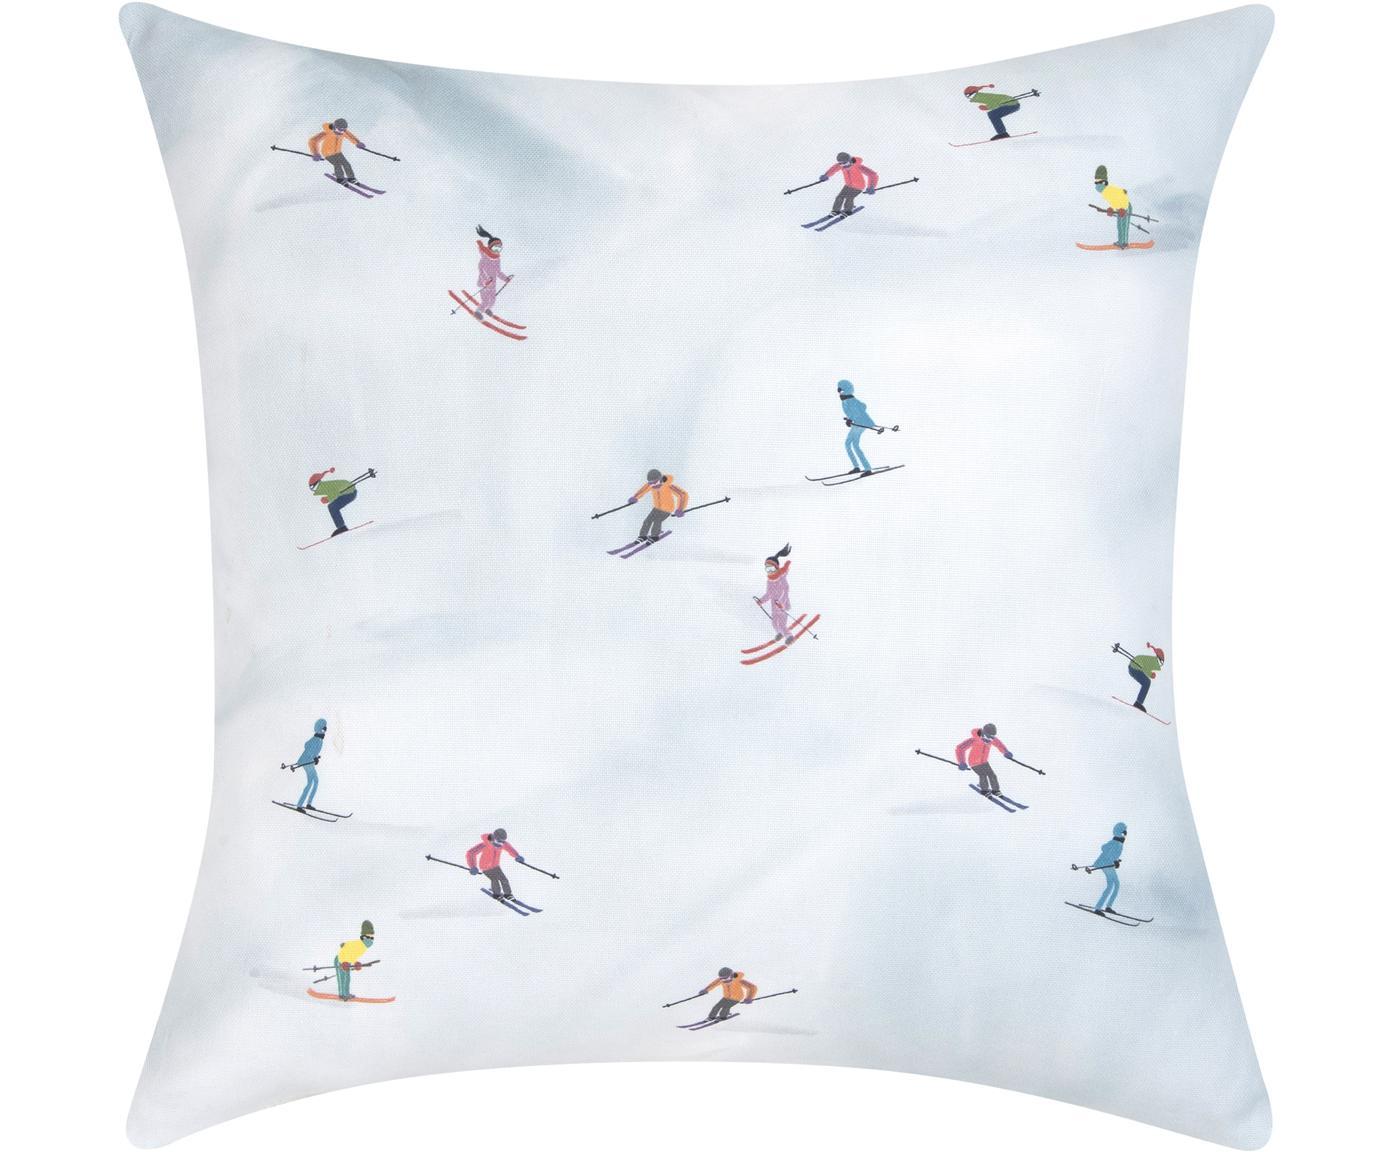 Designer Kissenhülle Ski von Kera Till, 100% Baumwolle, Mehrfarbig, 40 x 40 cm